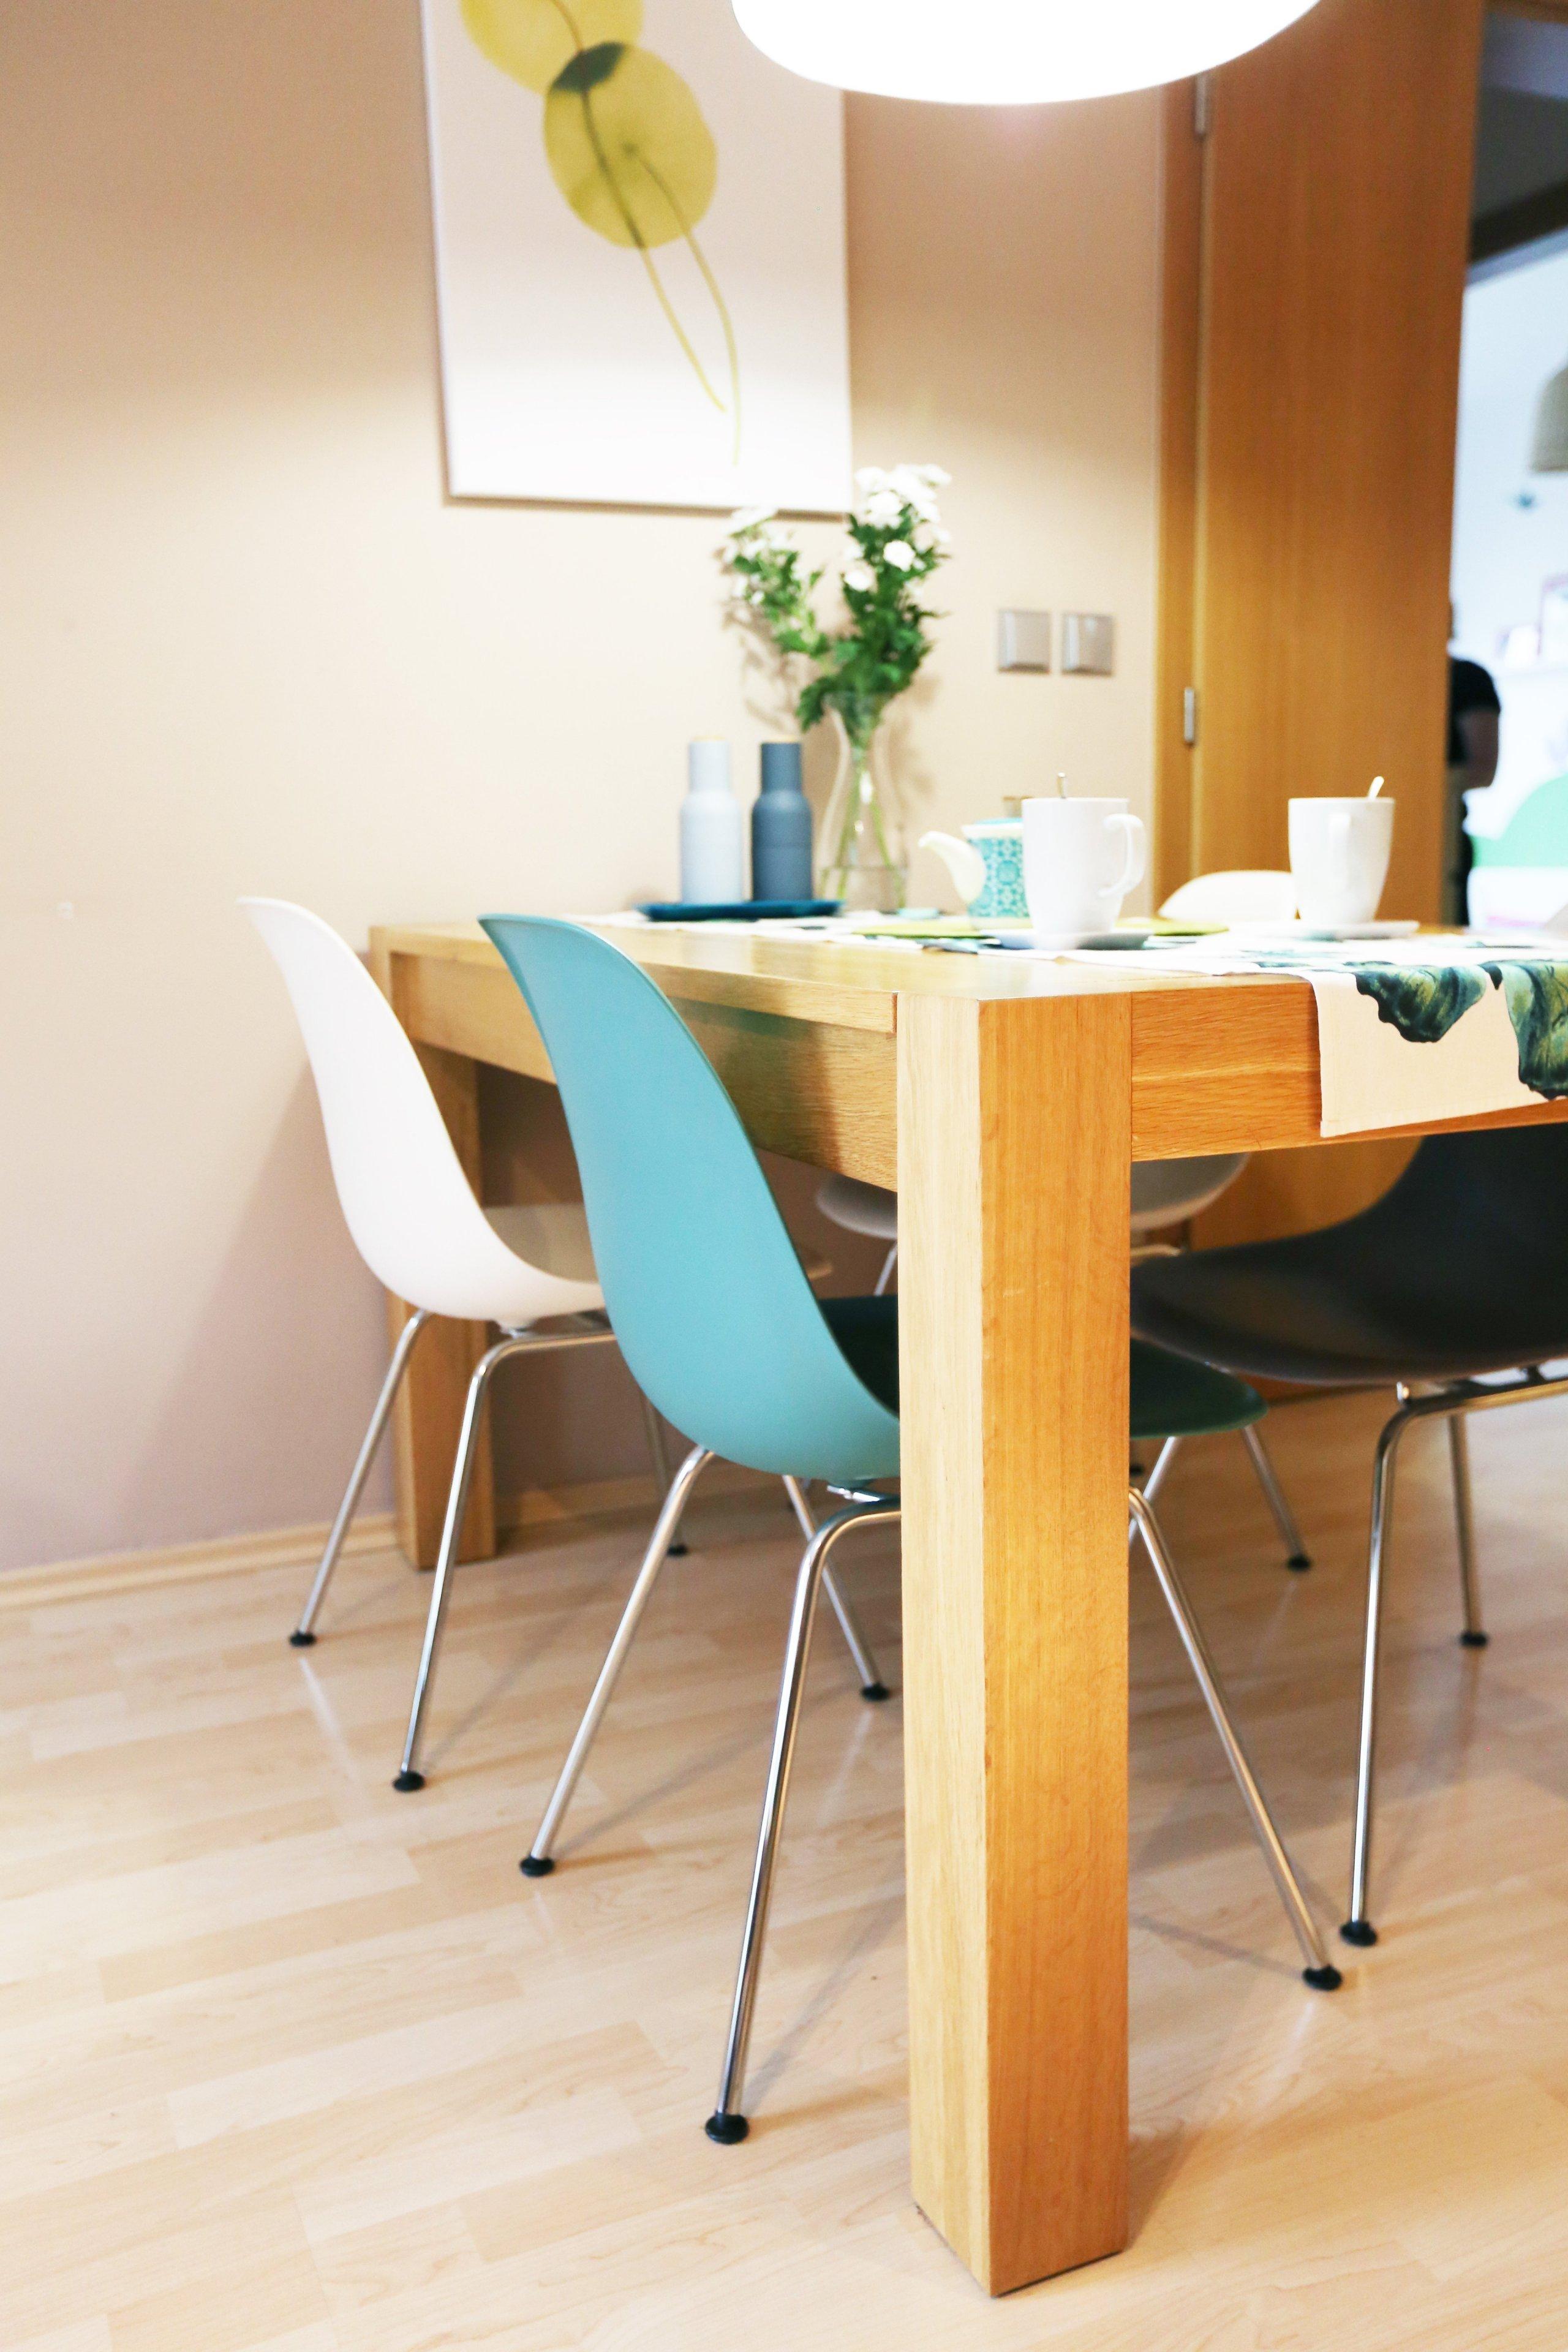 Návrh a realizace obývacího pokoje s velkou knihovnou a pracovním koutem. Knihovna na míru je vyrobena z dubové dýhy, jídelní stůl z masivního dubu, ostatní…